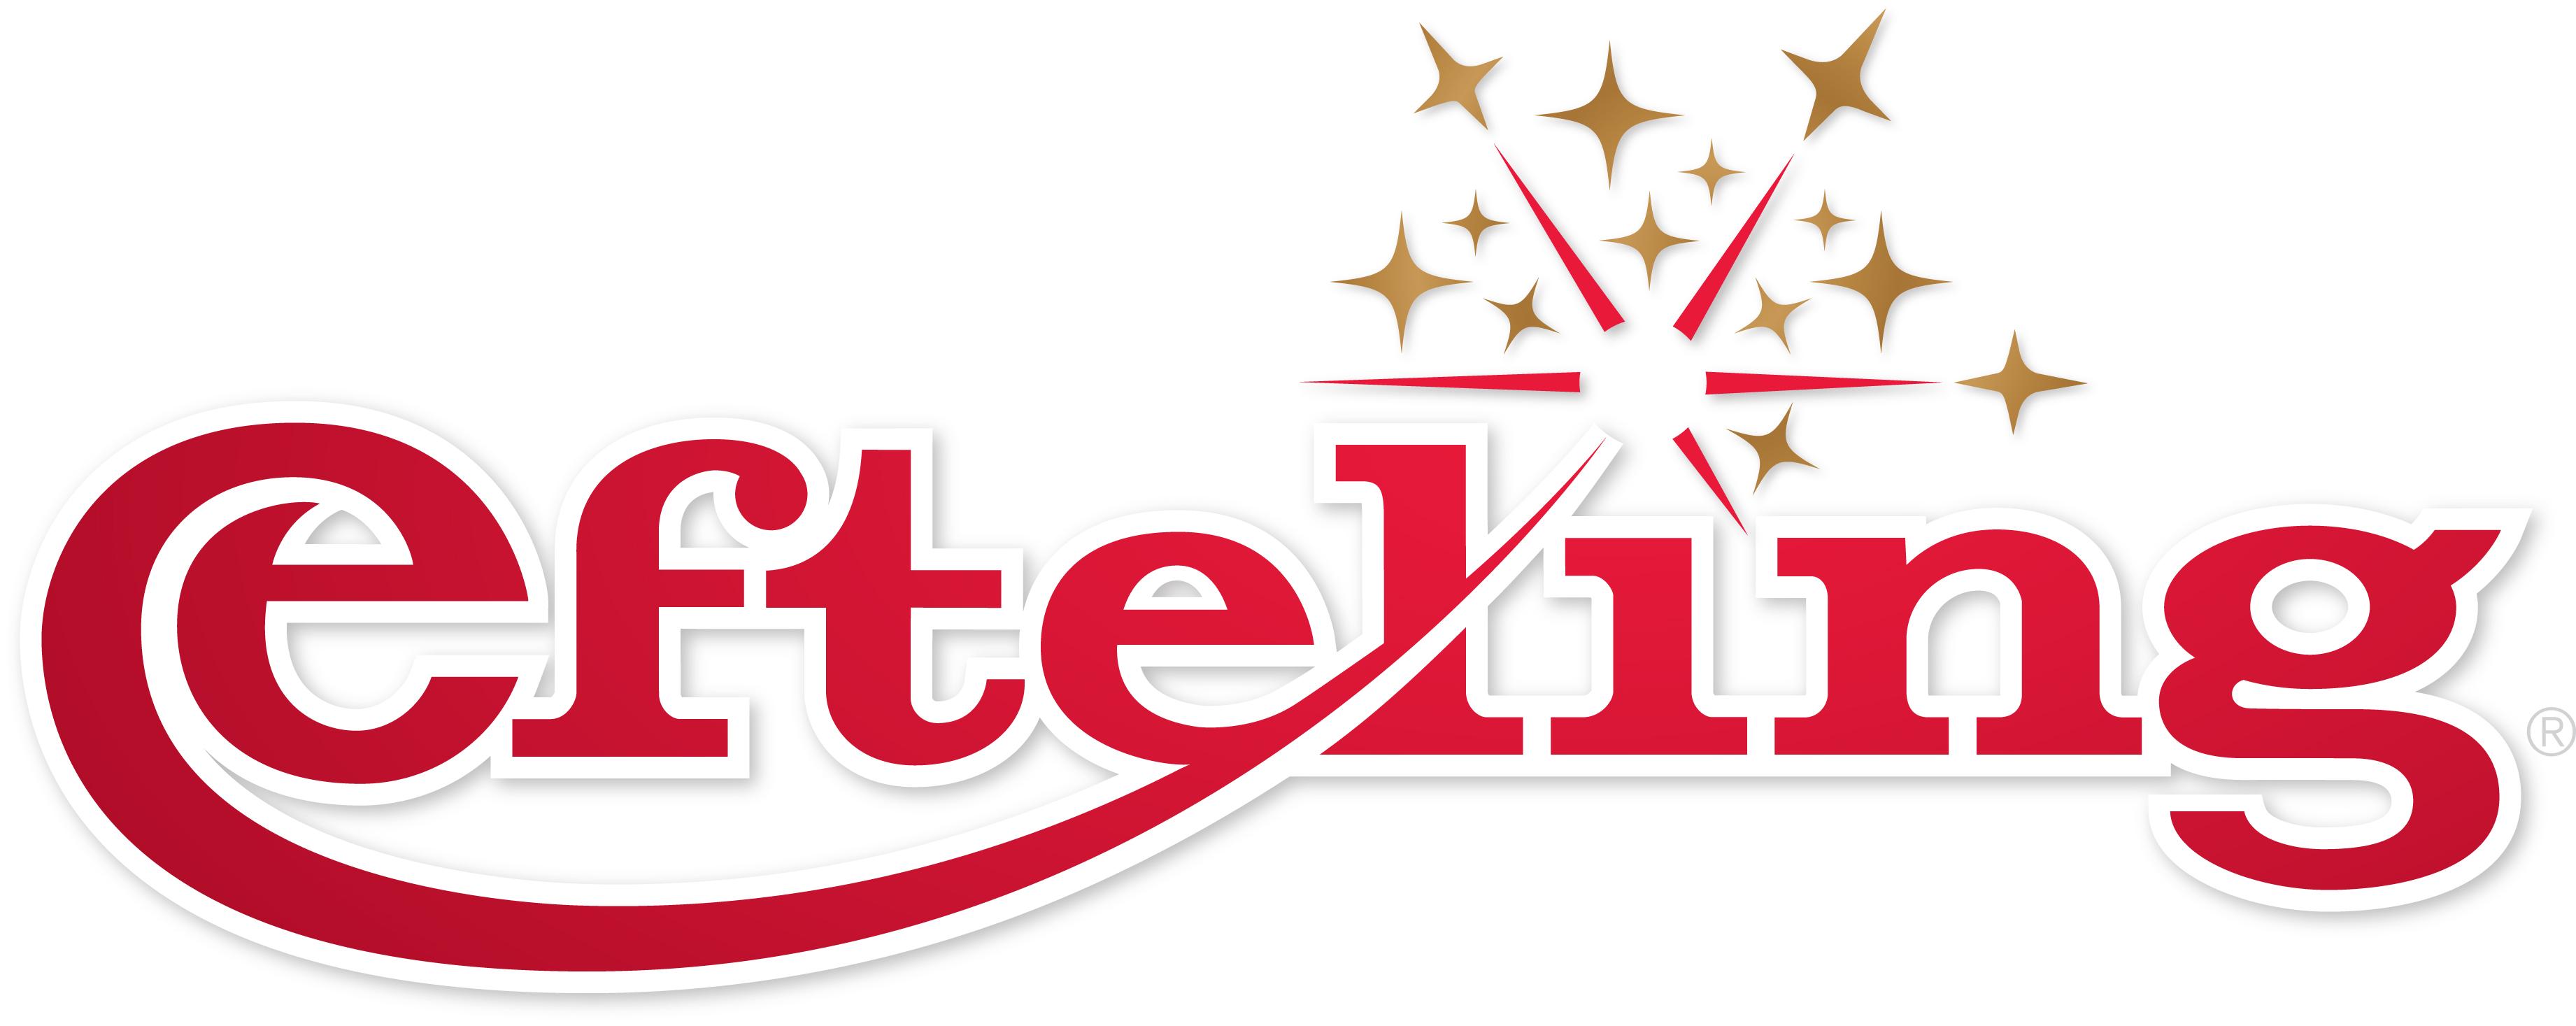 LOGO_EFTELING_VLAG_DEF